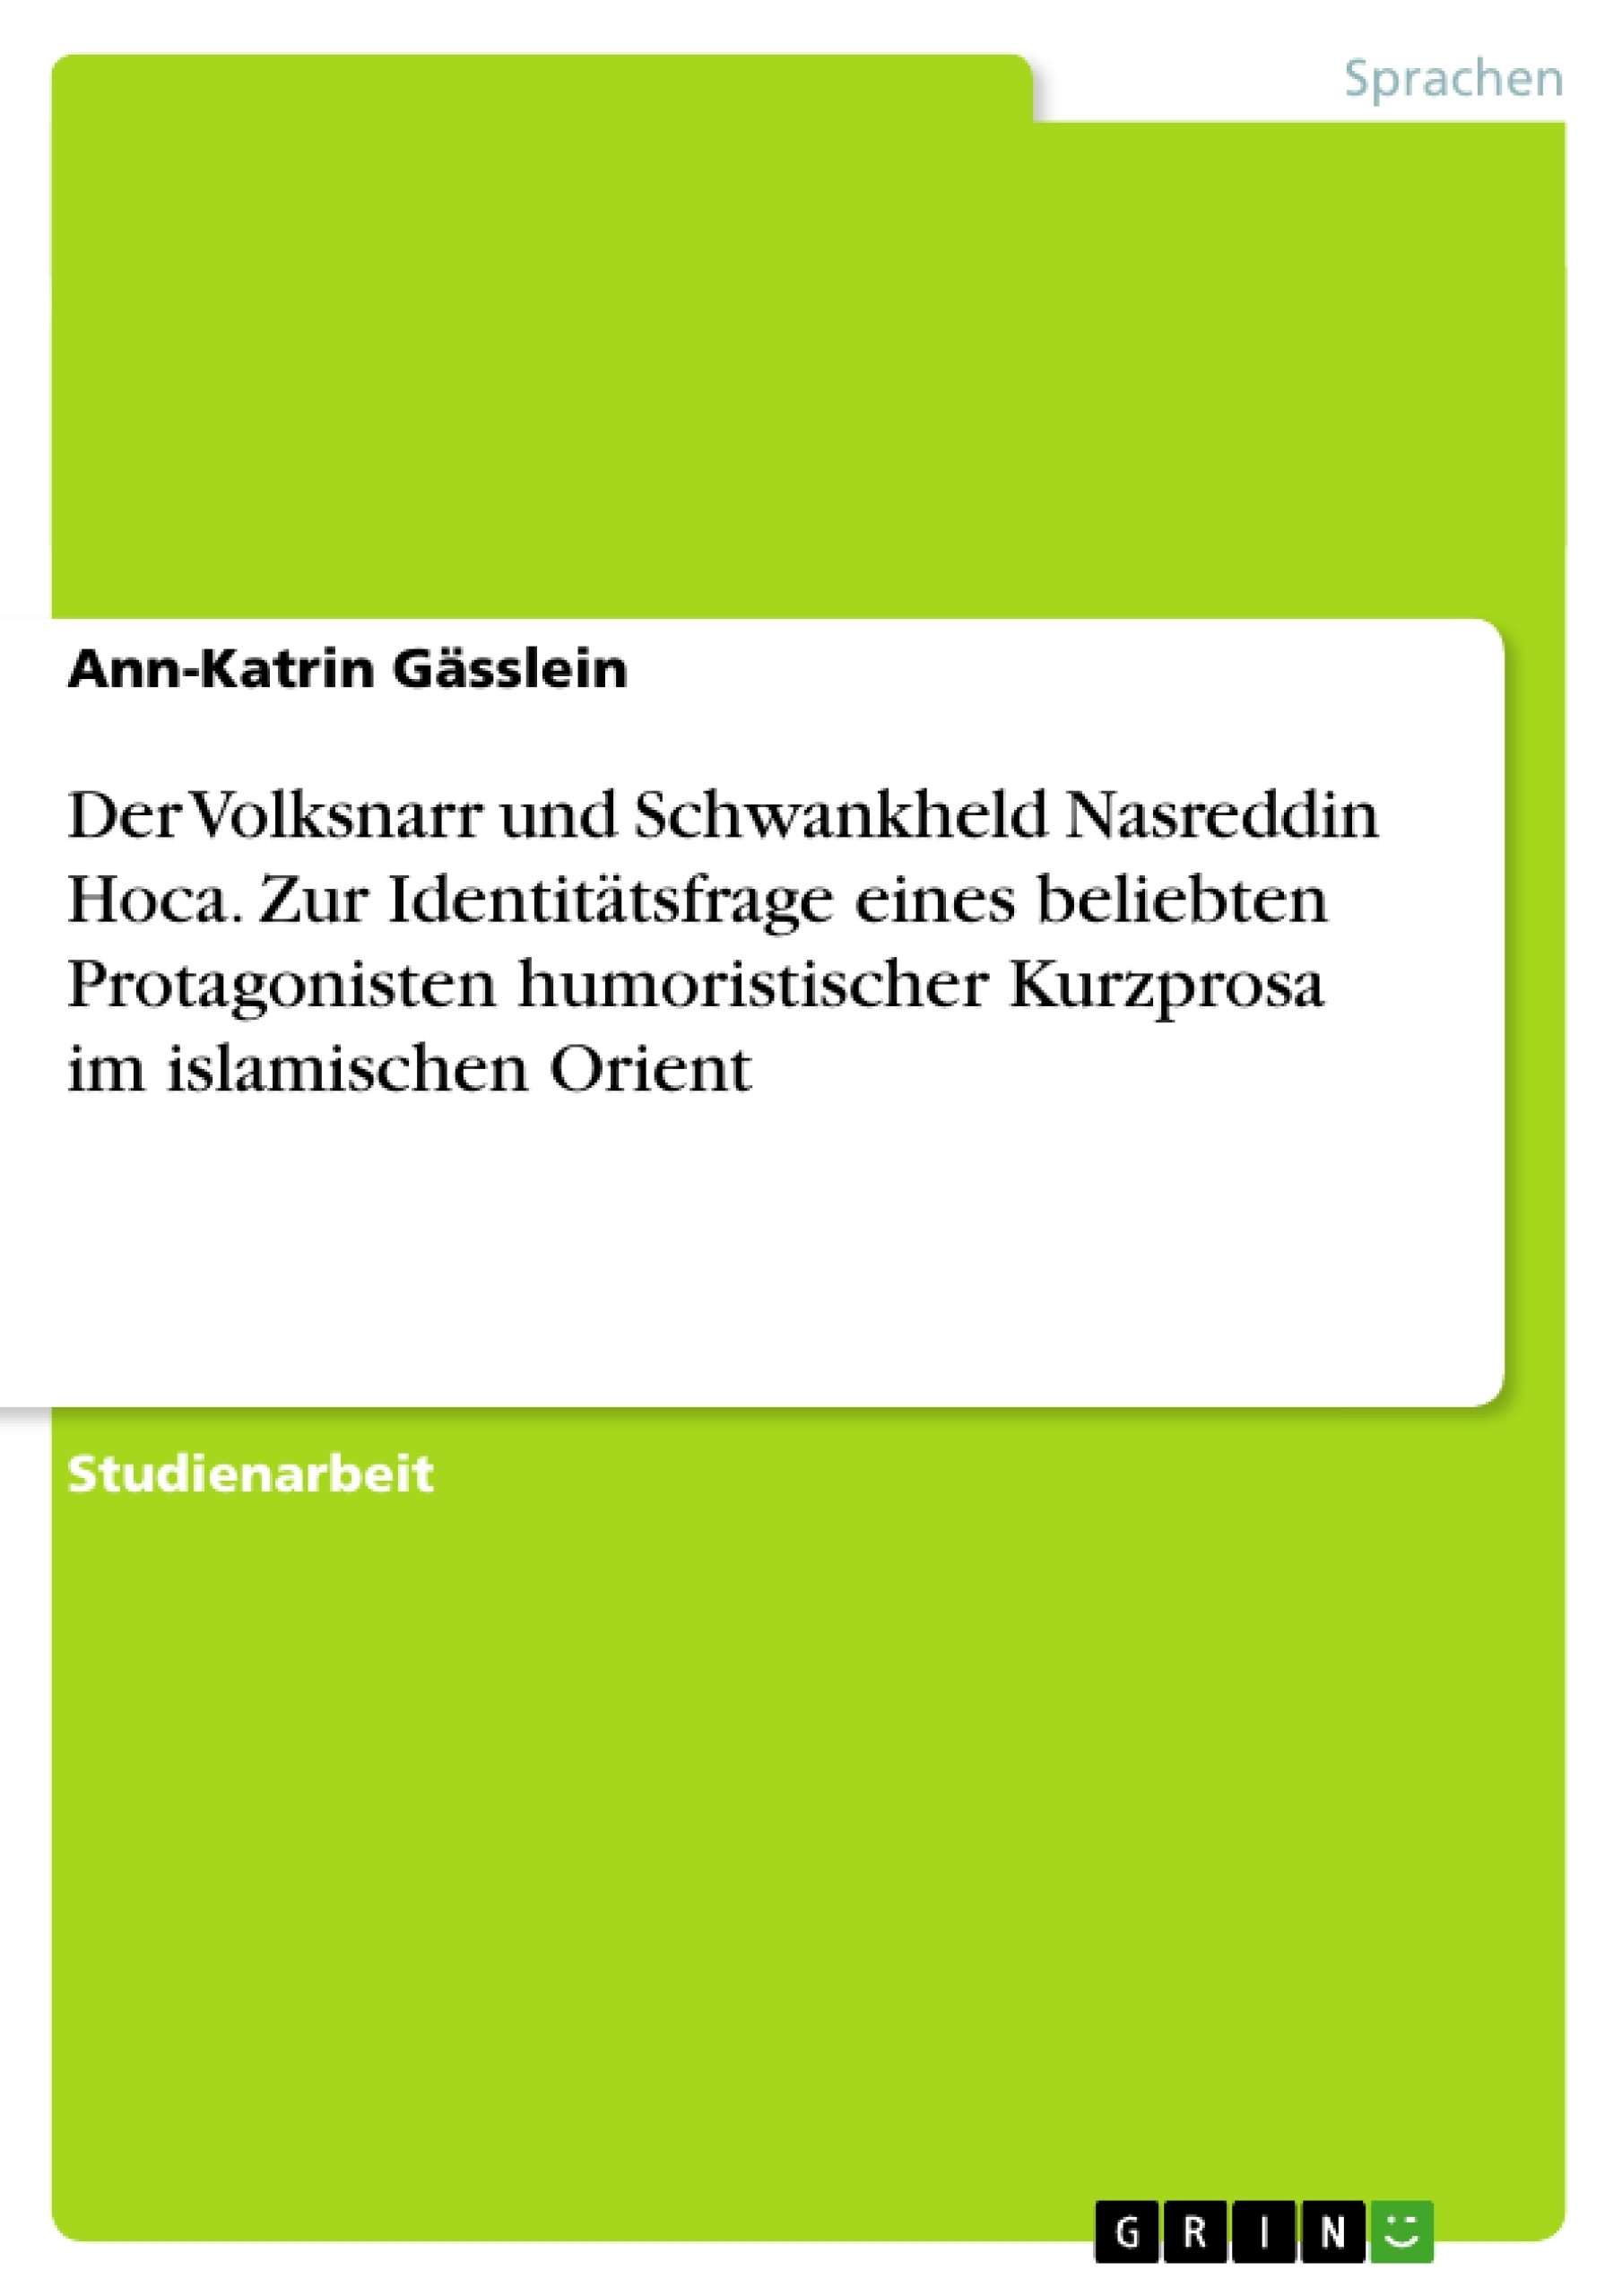 Titel: Der Volksnarr und Schwankheld Nasreddin Hoca. Zur Identitätsfrage eines beliebten Protagonisten humoristischer Kurzprosa im islamischen Orient